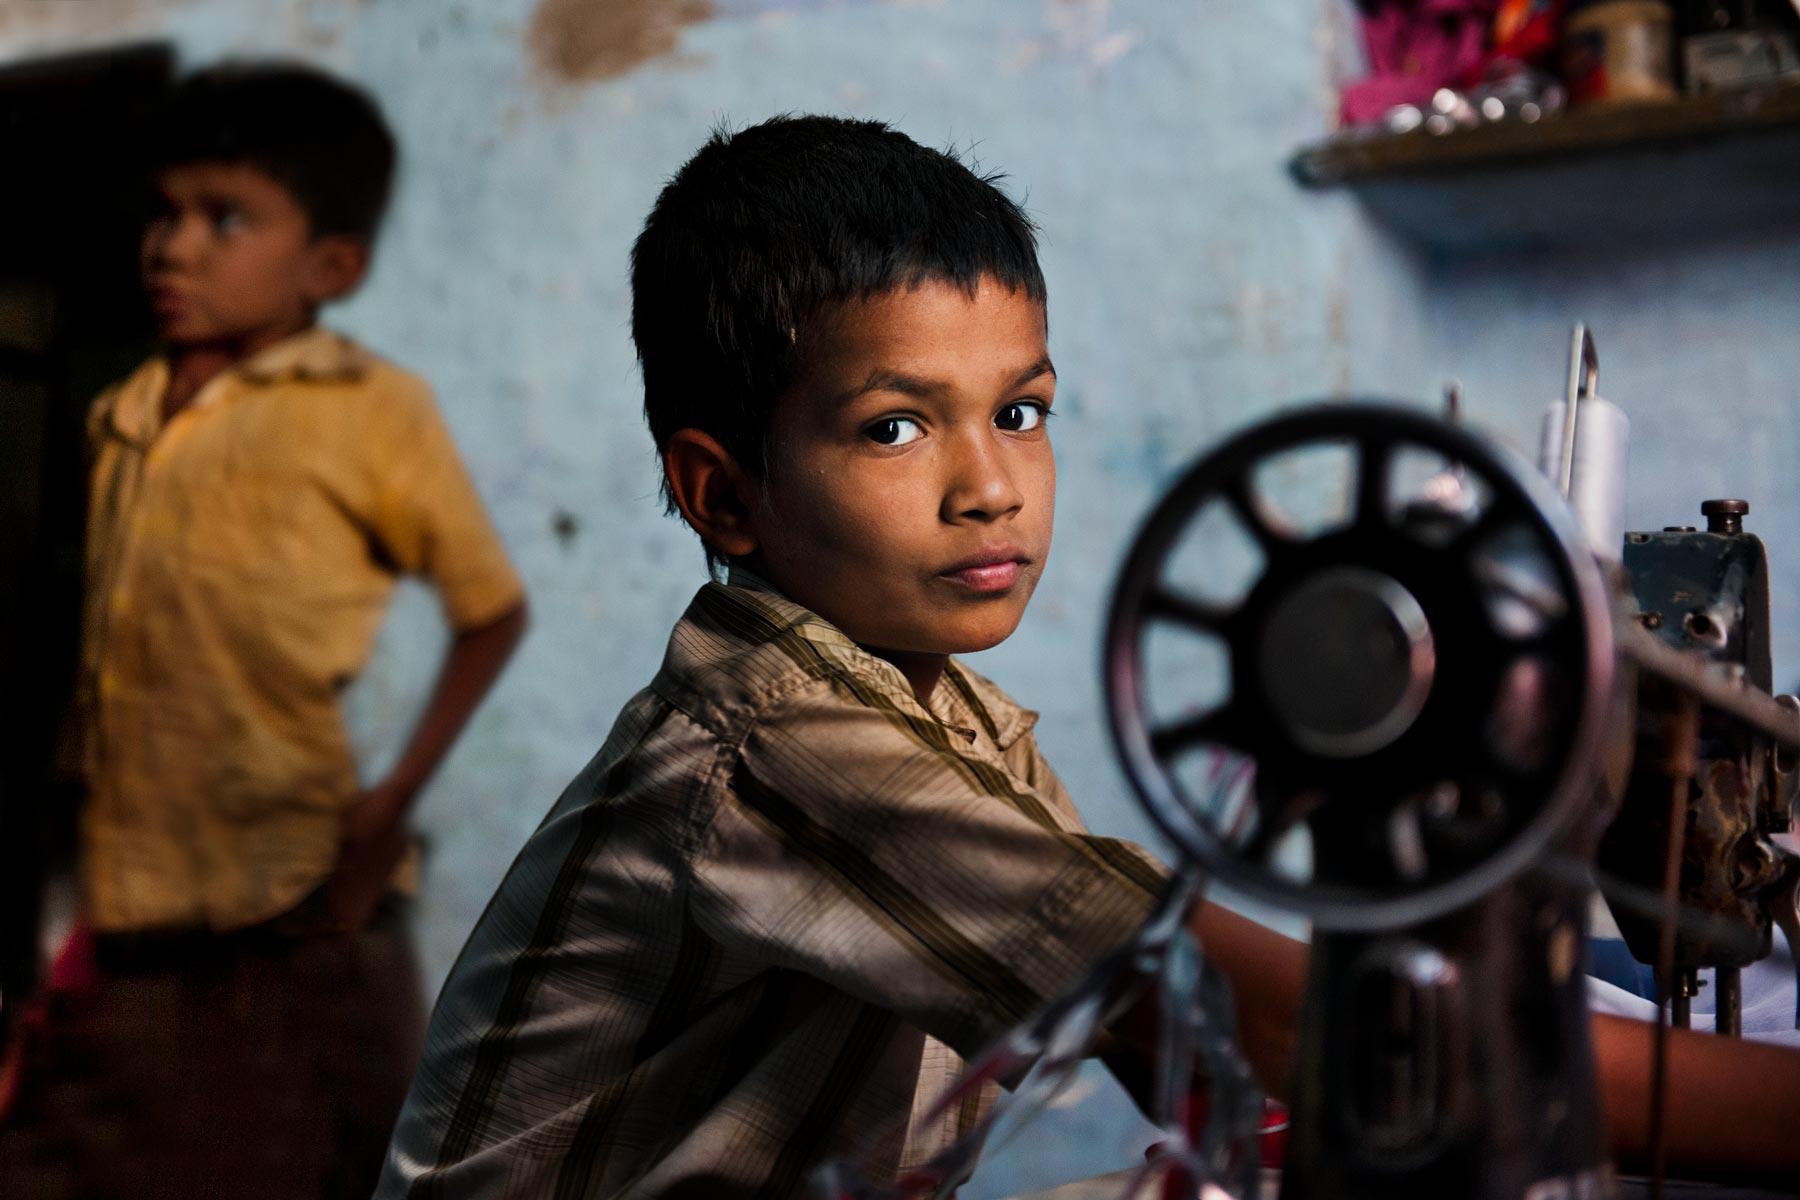 The Sun: В Великобританию поставляют детей-рабов из Непала и Индии